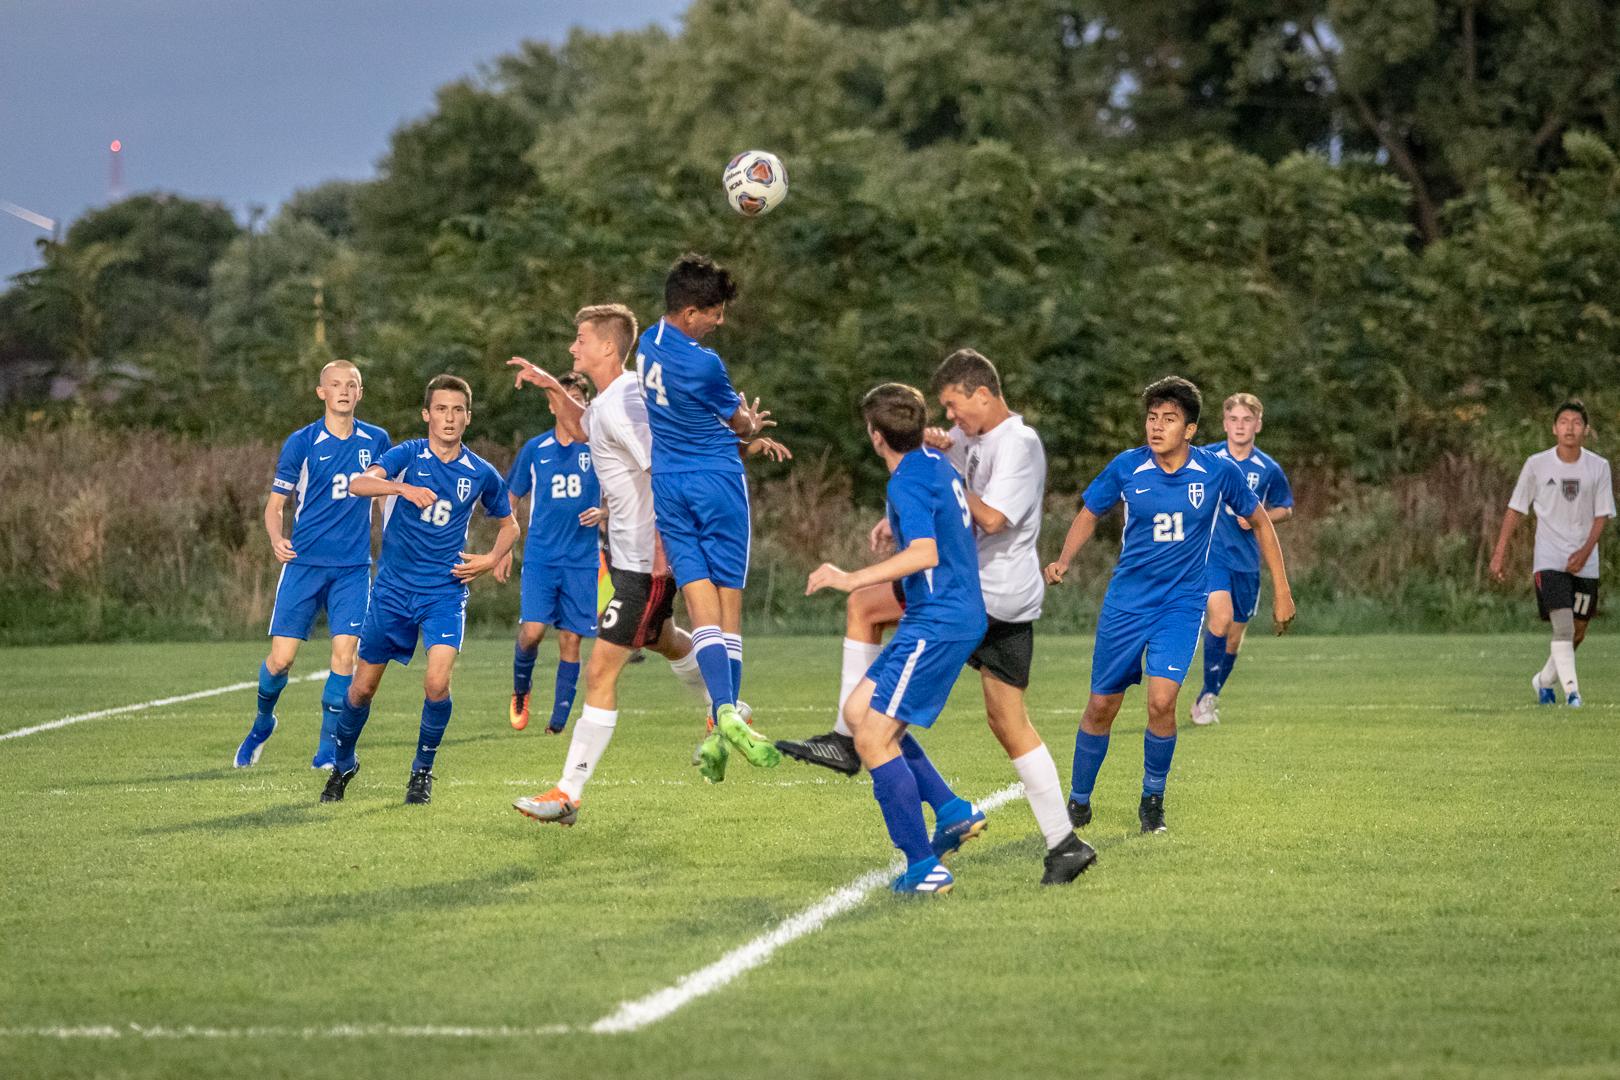 Marian-Varsity-Boys-Soccer-9708.jpg